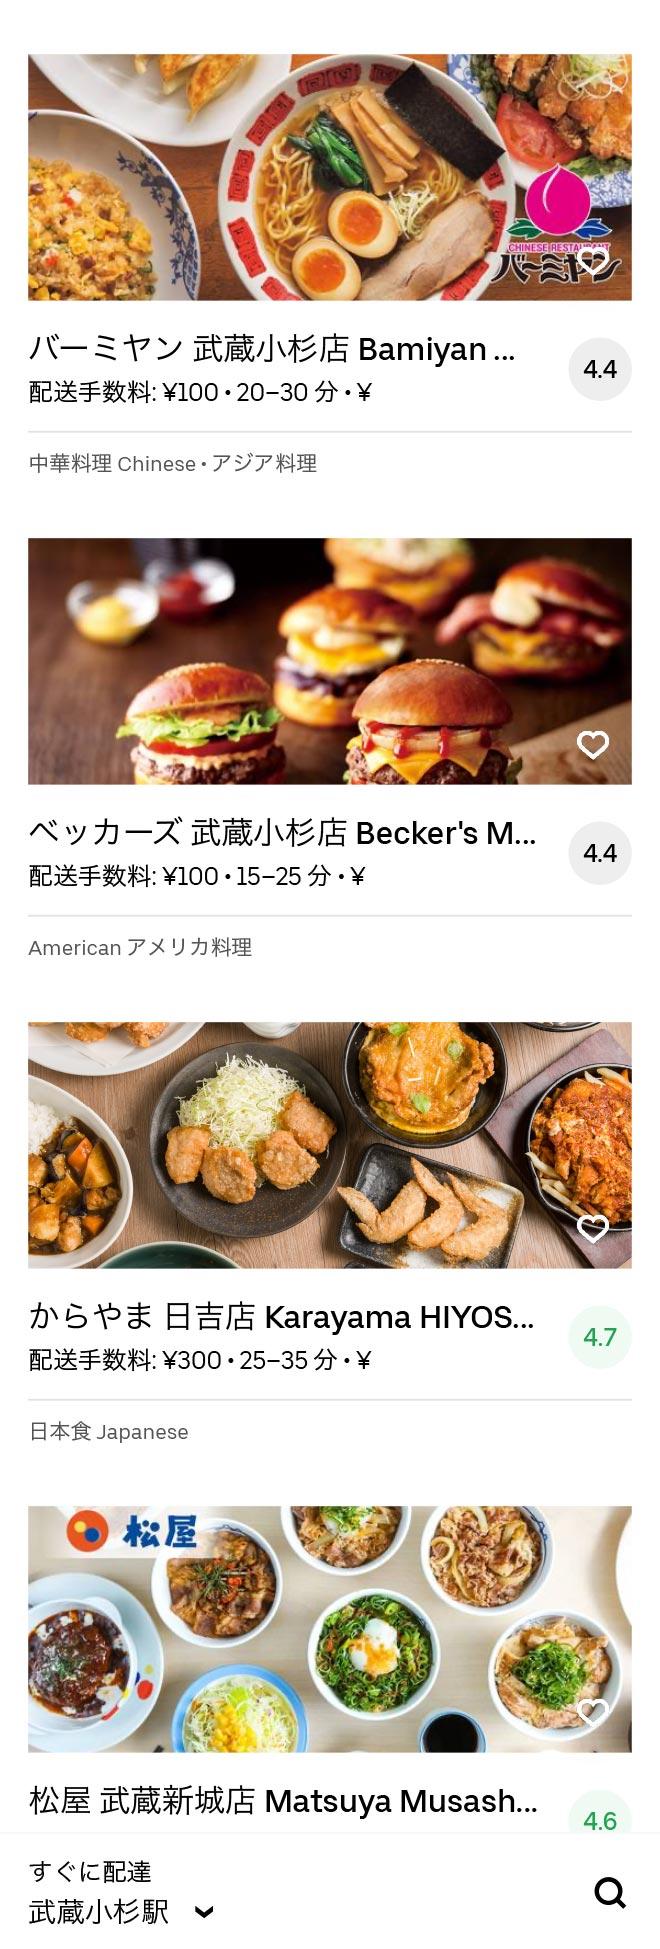 Musashikosugi menu 2004 04